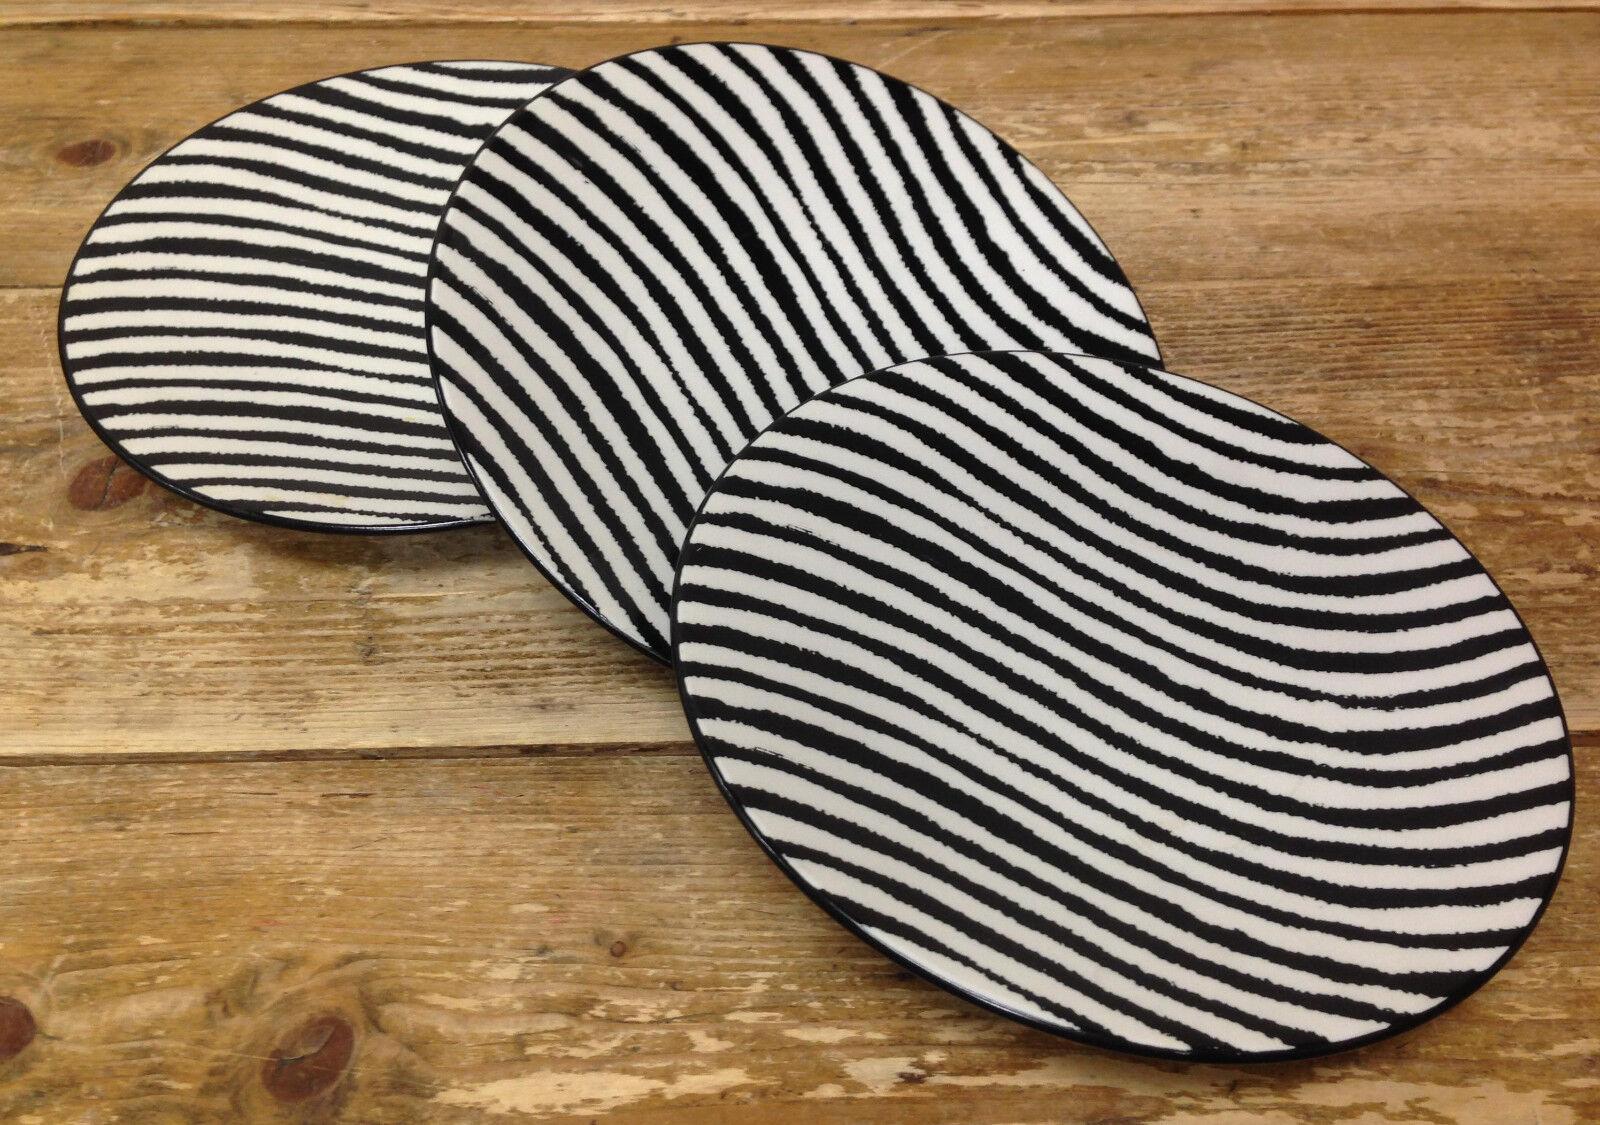 Tischplatten Nicht Nicht Nicht Limitiert Lifestyles Tansania Zebra Schwarz Weißen Streifen 3 8d19d9